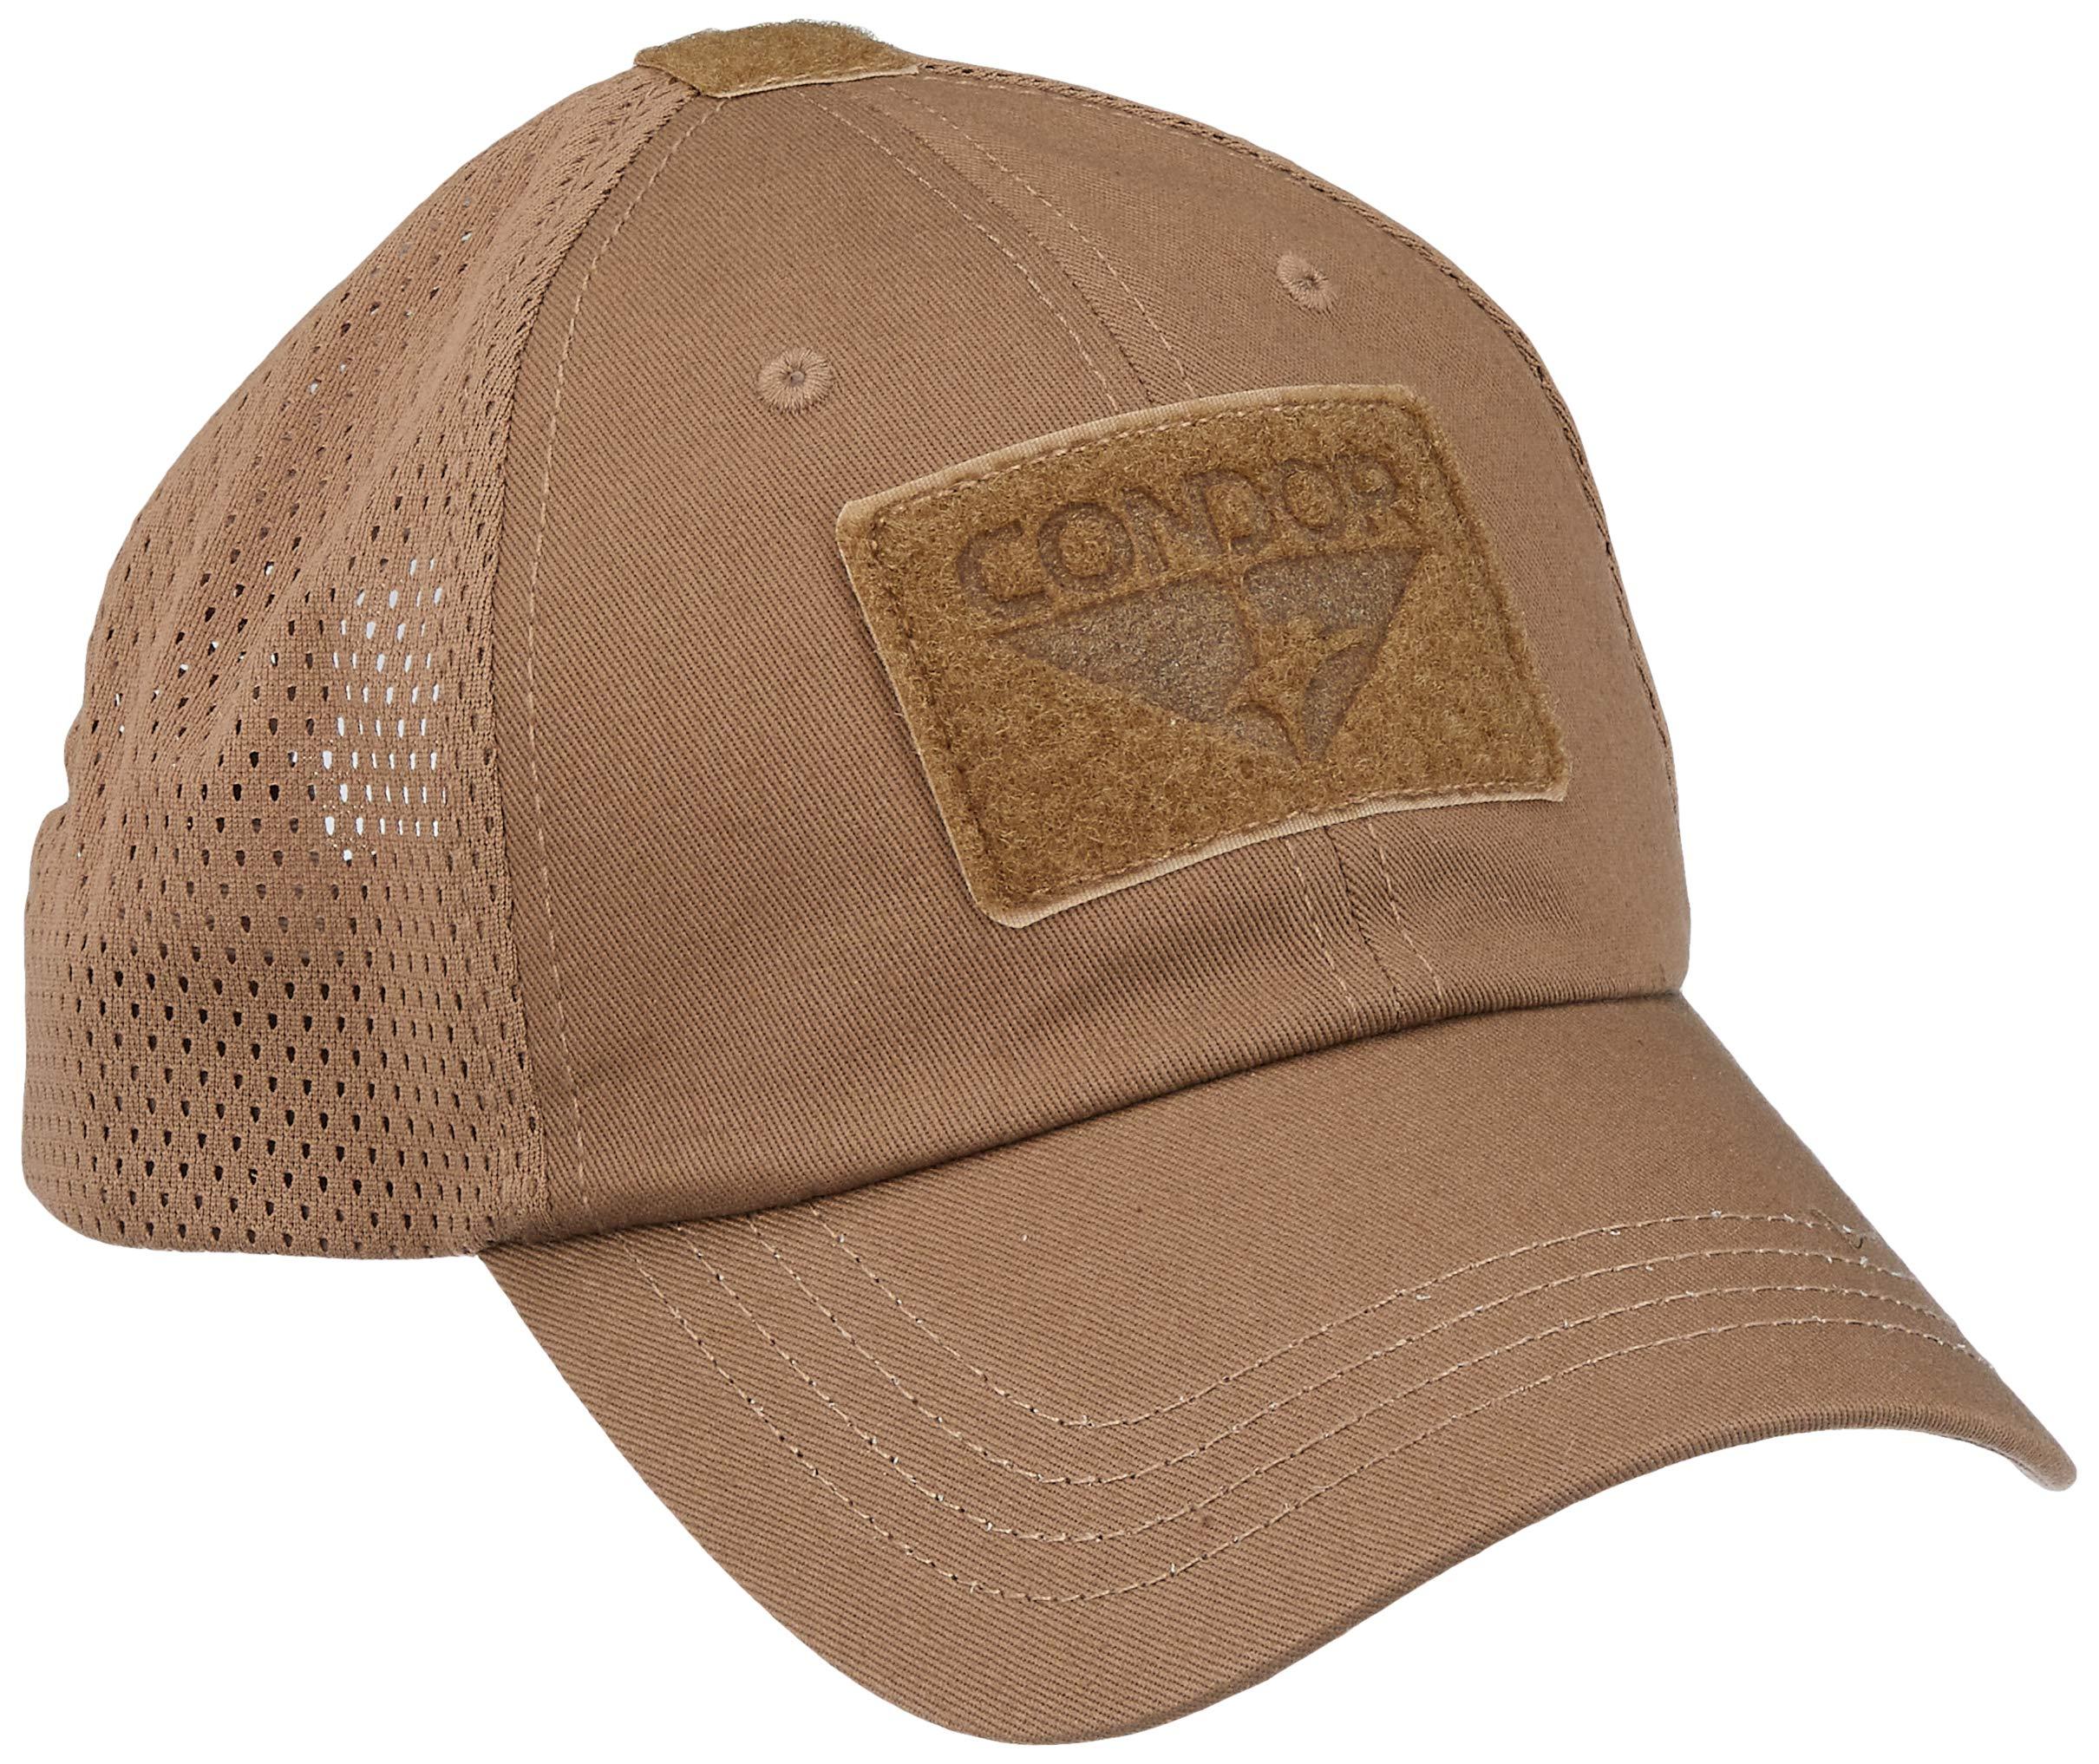 Condor Mesh Tactical Cap Brown